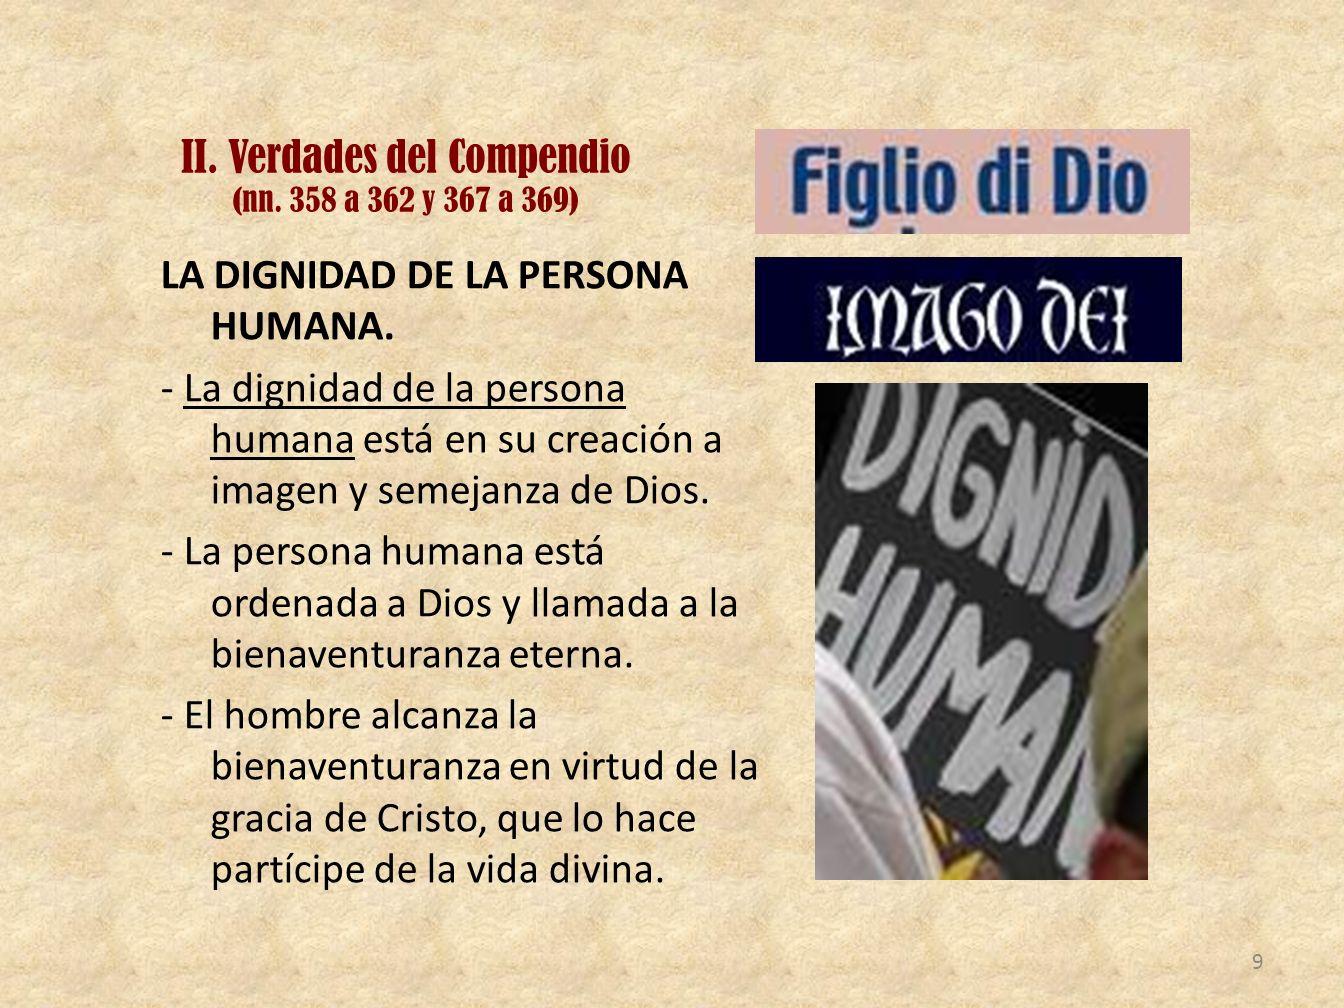 II. Verdades del Compendio (nn. 358 a 362 y 367 a 369) LA DIGNIDAD DE LA PERSONA HUMANA. - La dignidad de la persona humana está en su creación a imag